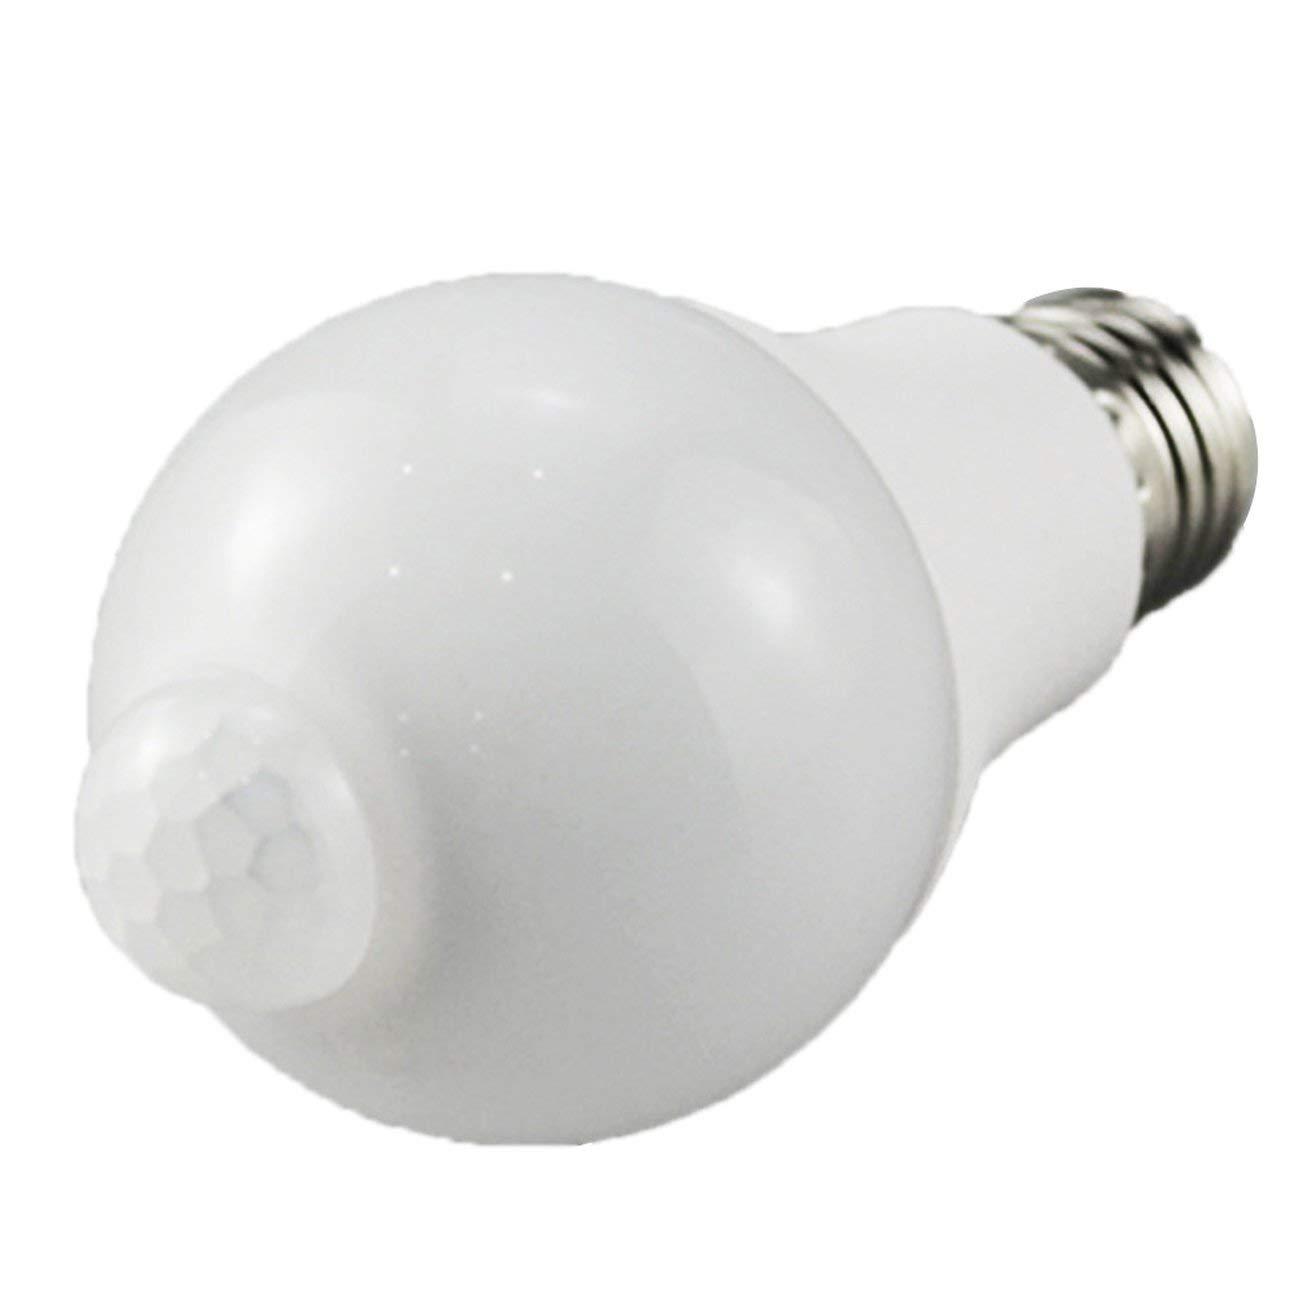 Liobaba Human Body Induction Bulb Infrared Sensor Led Bulb Lamp Motion Sensing Light Sensor E27 Screw